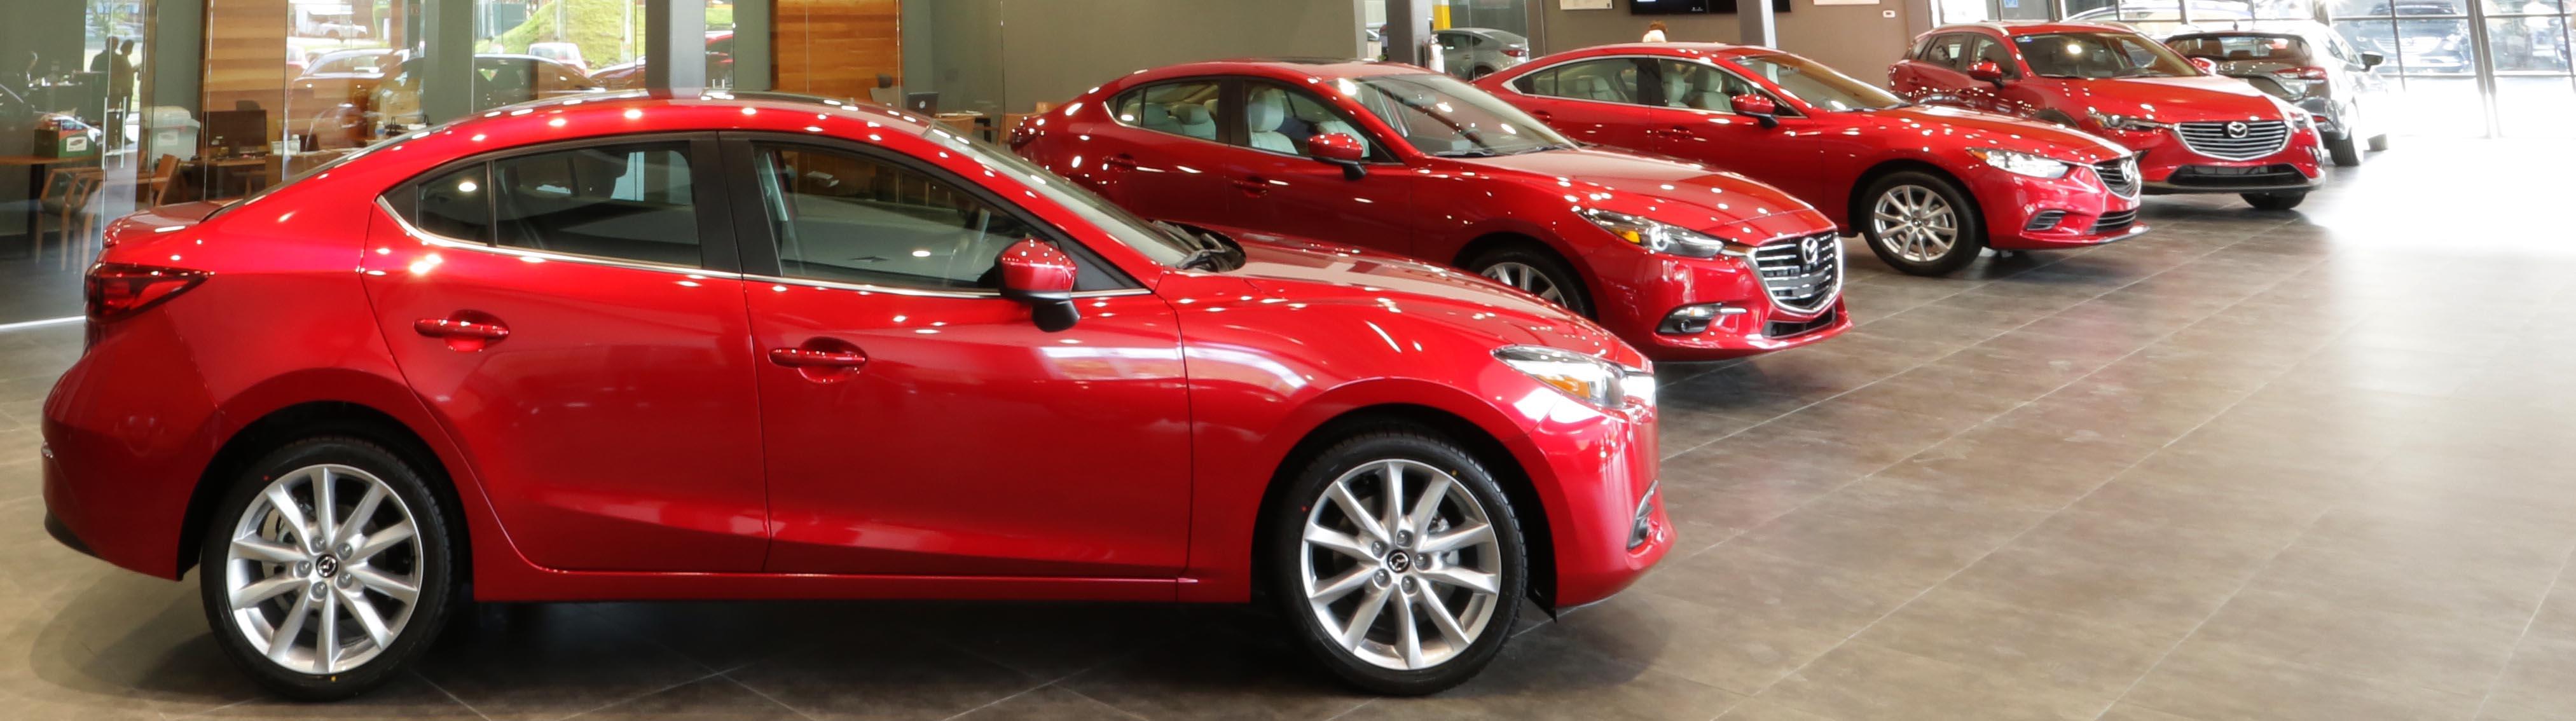 Mazda presentó su nueva imagen global